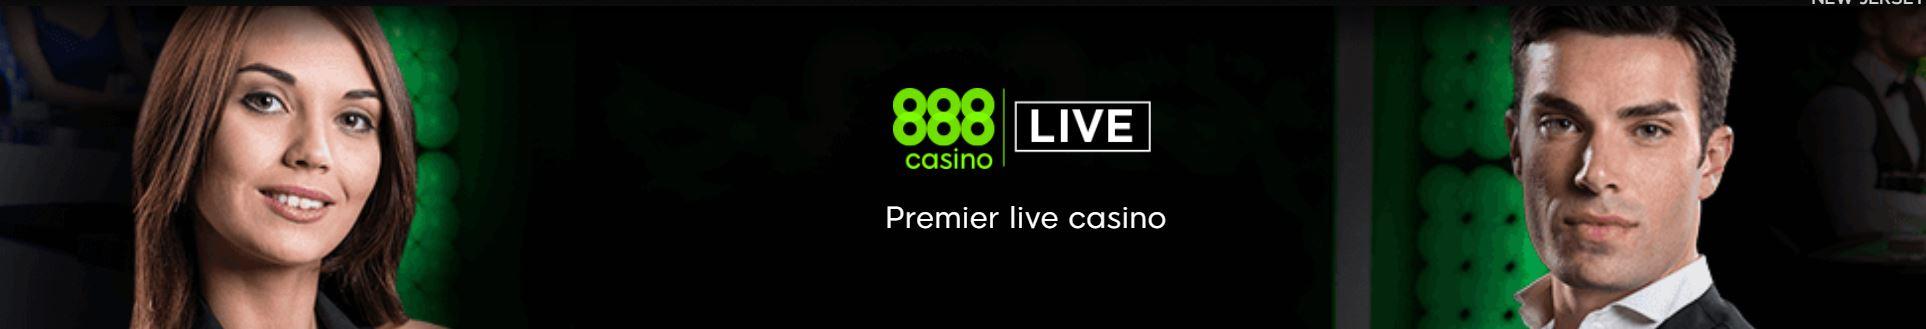 888 Casino ofrece varios tipos de juegos de casino